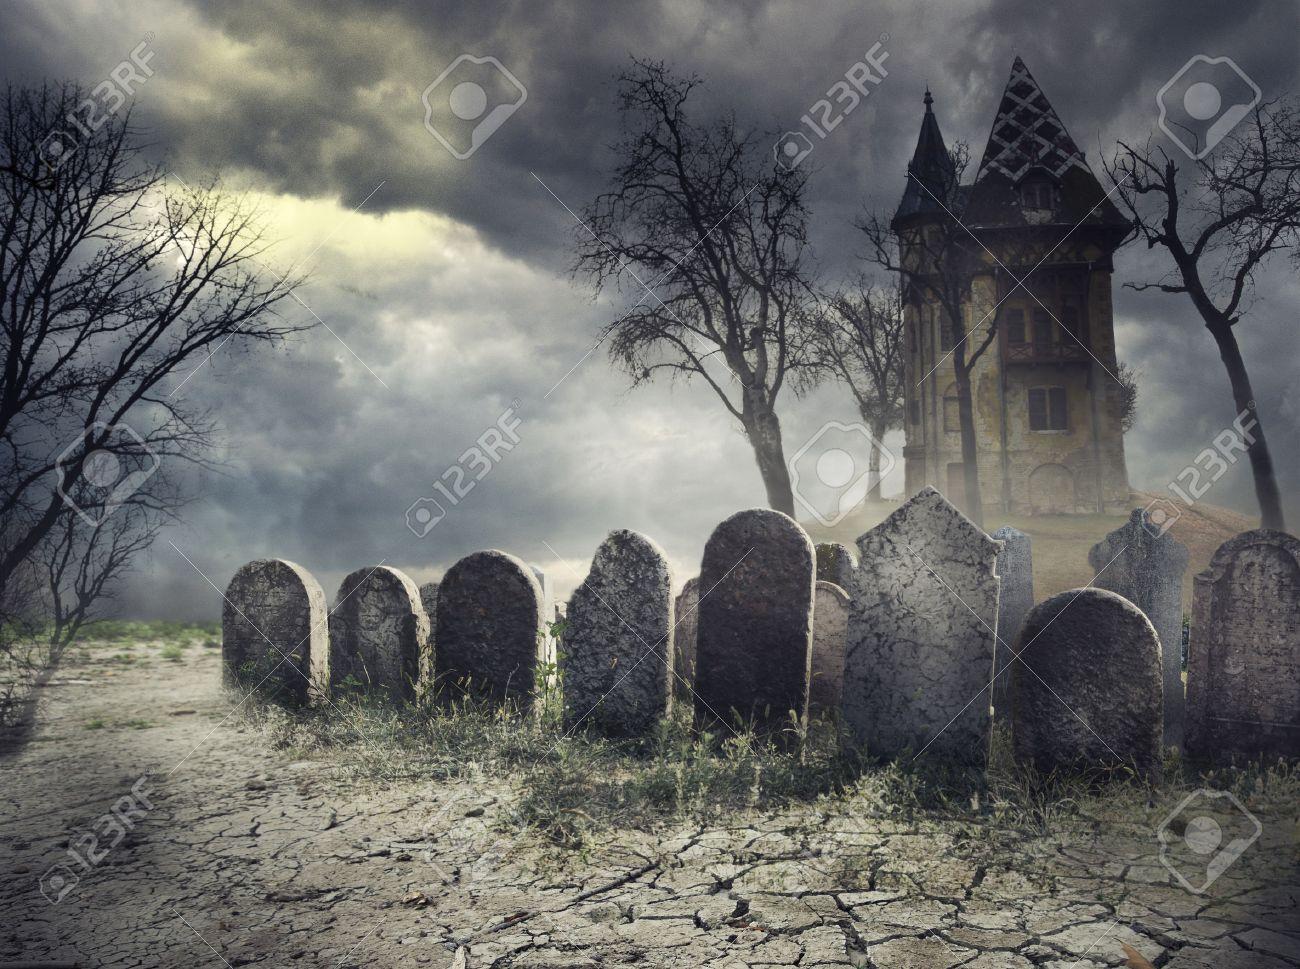 LA BRUTTA NOTTE DI ROSS O'HARA 32560615-Casa-Hounted-sul-cimitero-spettrale-Archivio-Fotografico